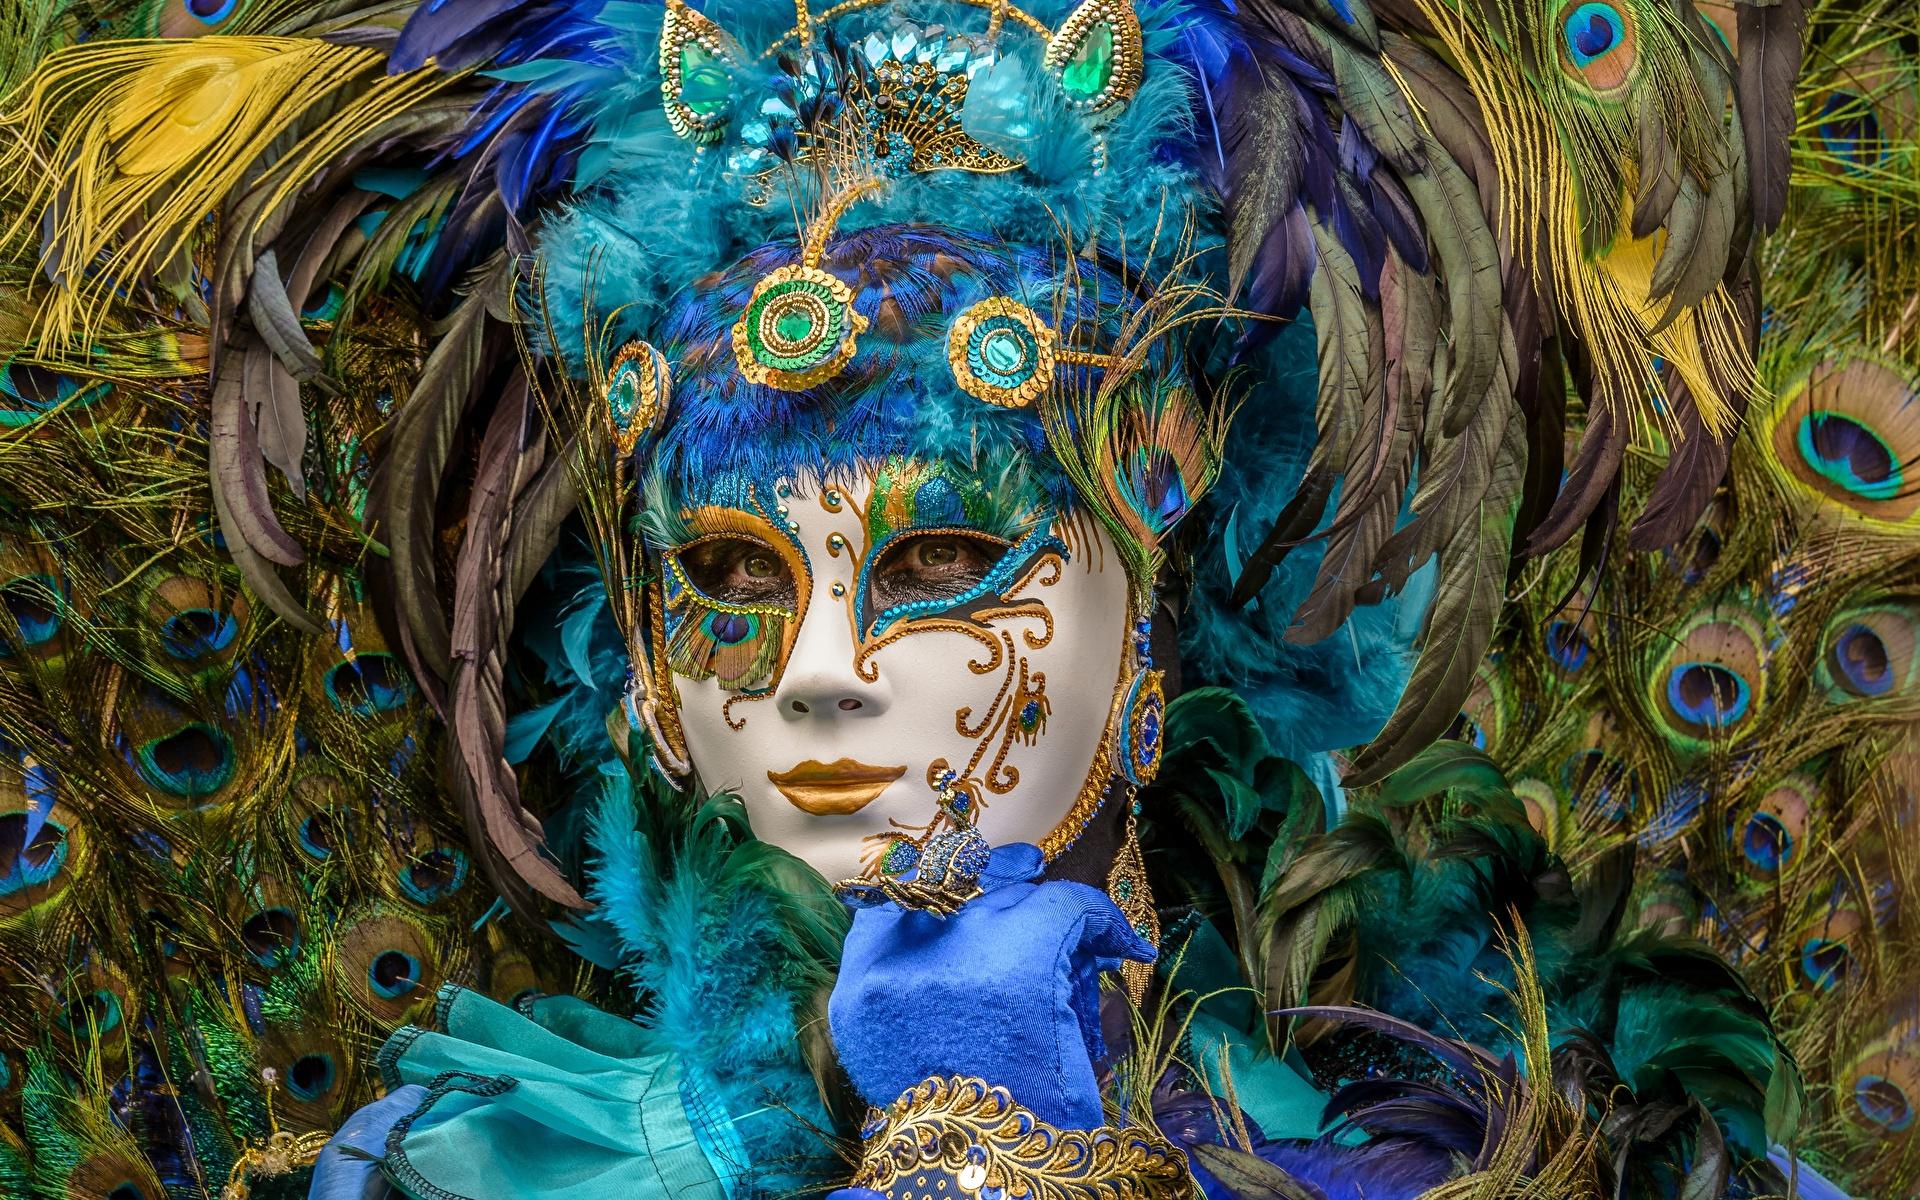 Fondos De Pantalla De Quikis: Fondos De Pantalla De Carnaval, Wallpapers HD